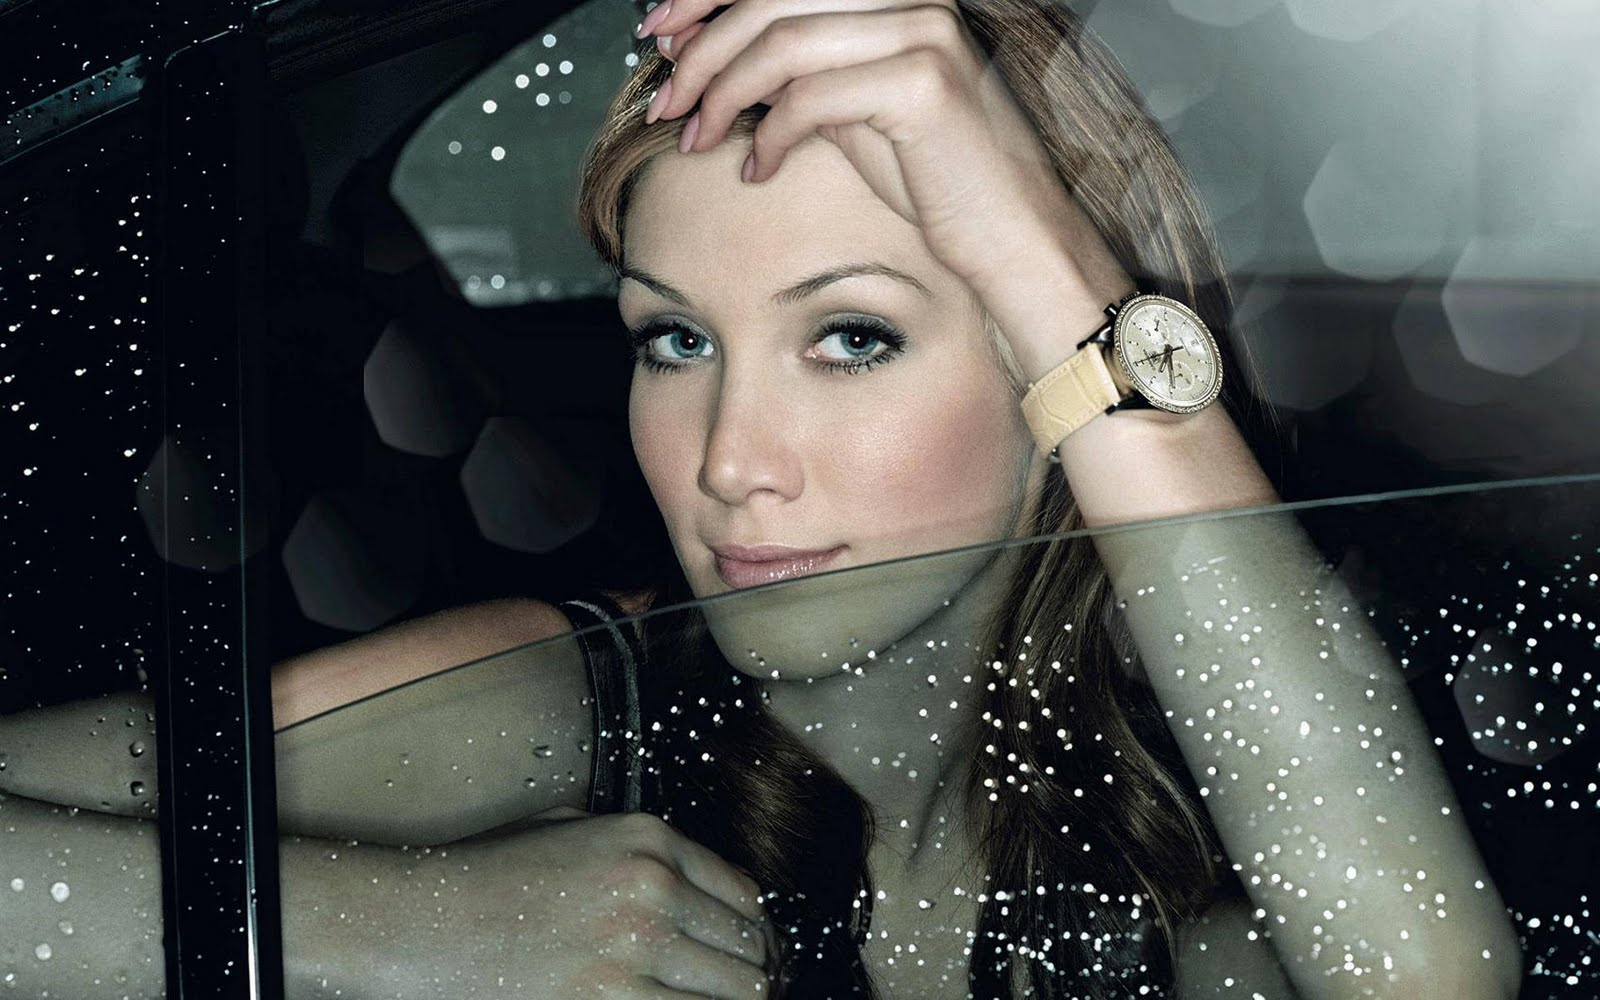 http://4.bp.blogspot.com/-InqUhBhpxqU/TuYxllXVaEI/AAAAAAAAKsQ/V_Pj6aaCJTM/s1600/Delta_Goodrem_HQ_Wallpapers_beautiful_actress_singer_15.jpg